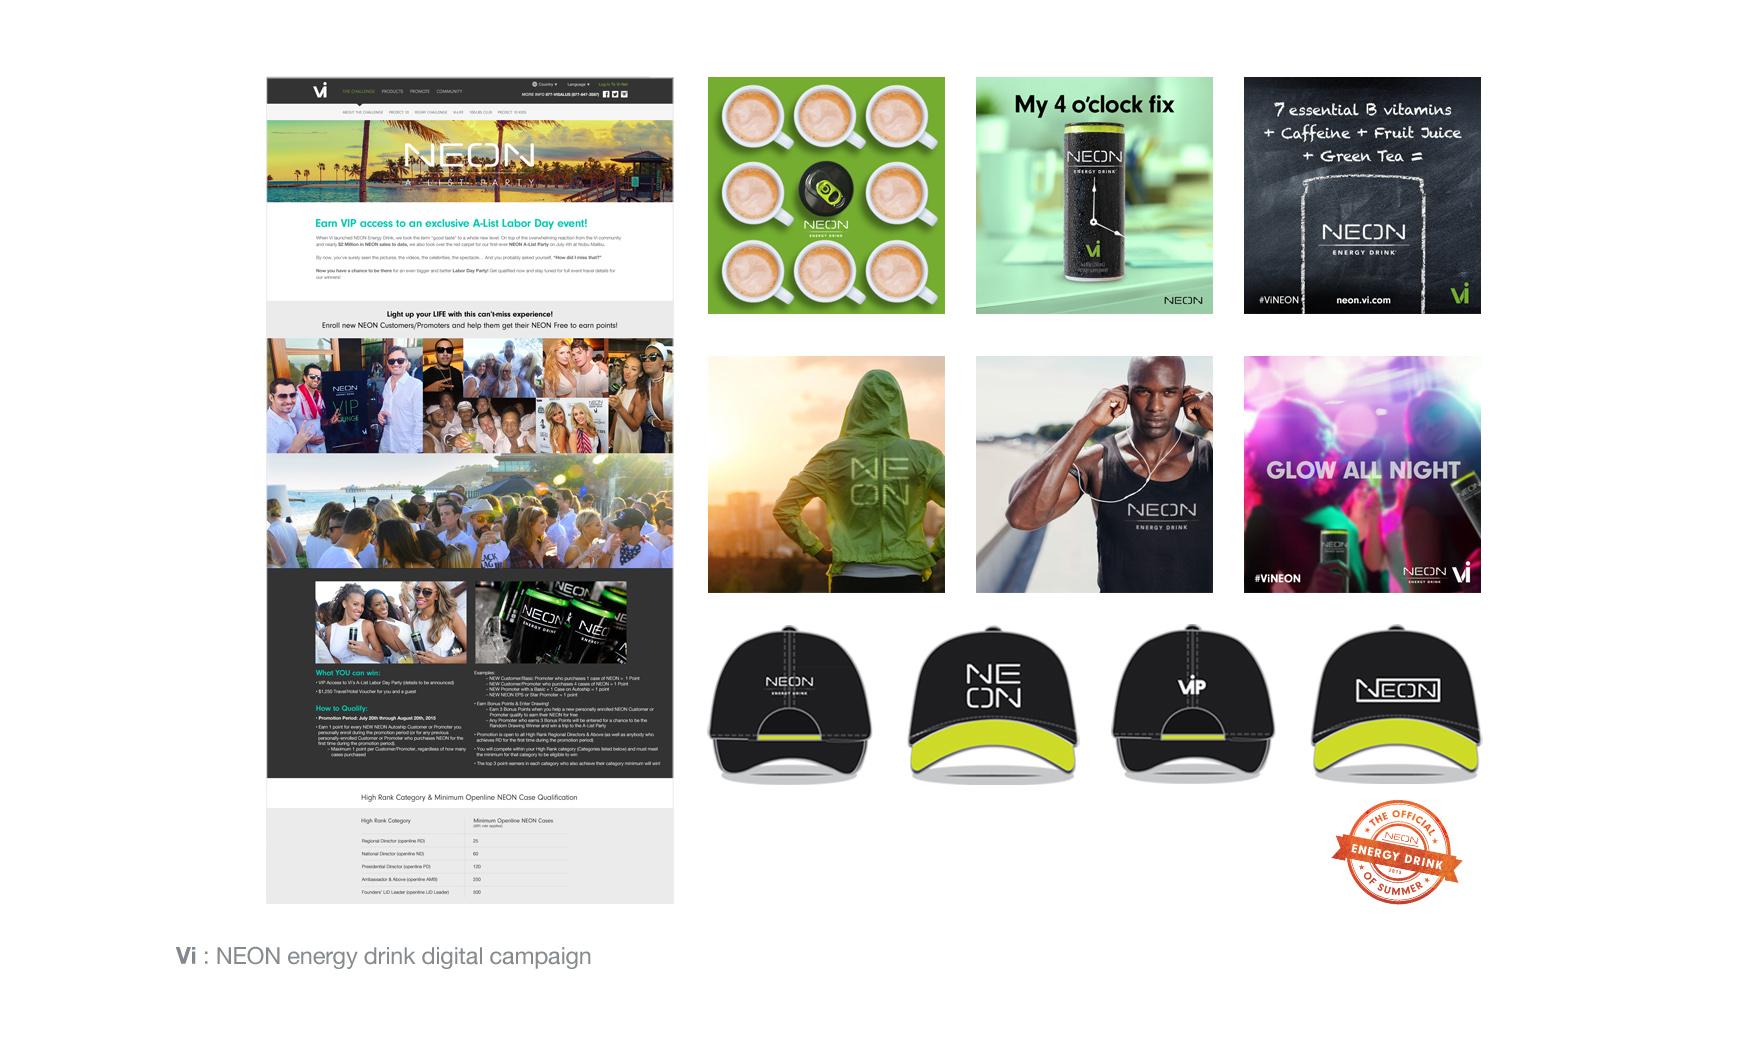 1.Vi+Neon Campaign.jpg